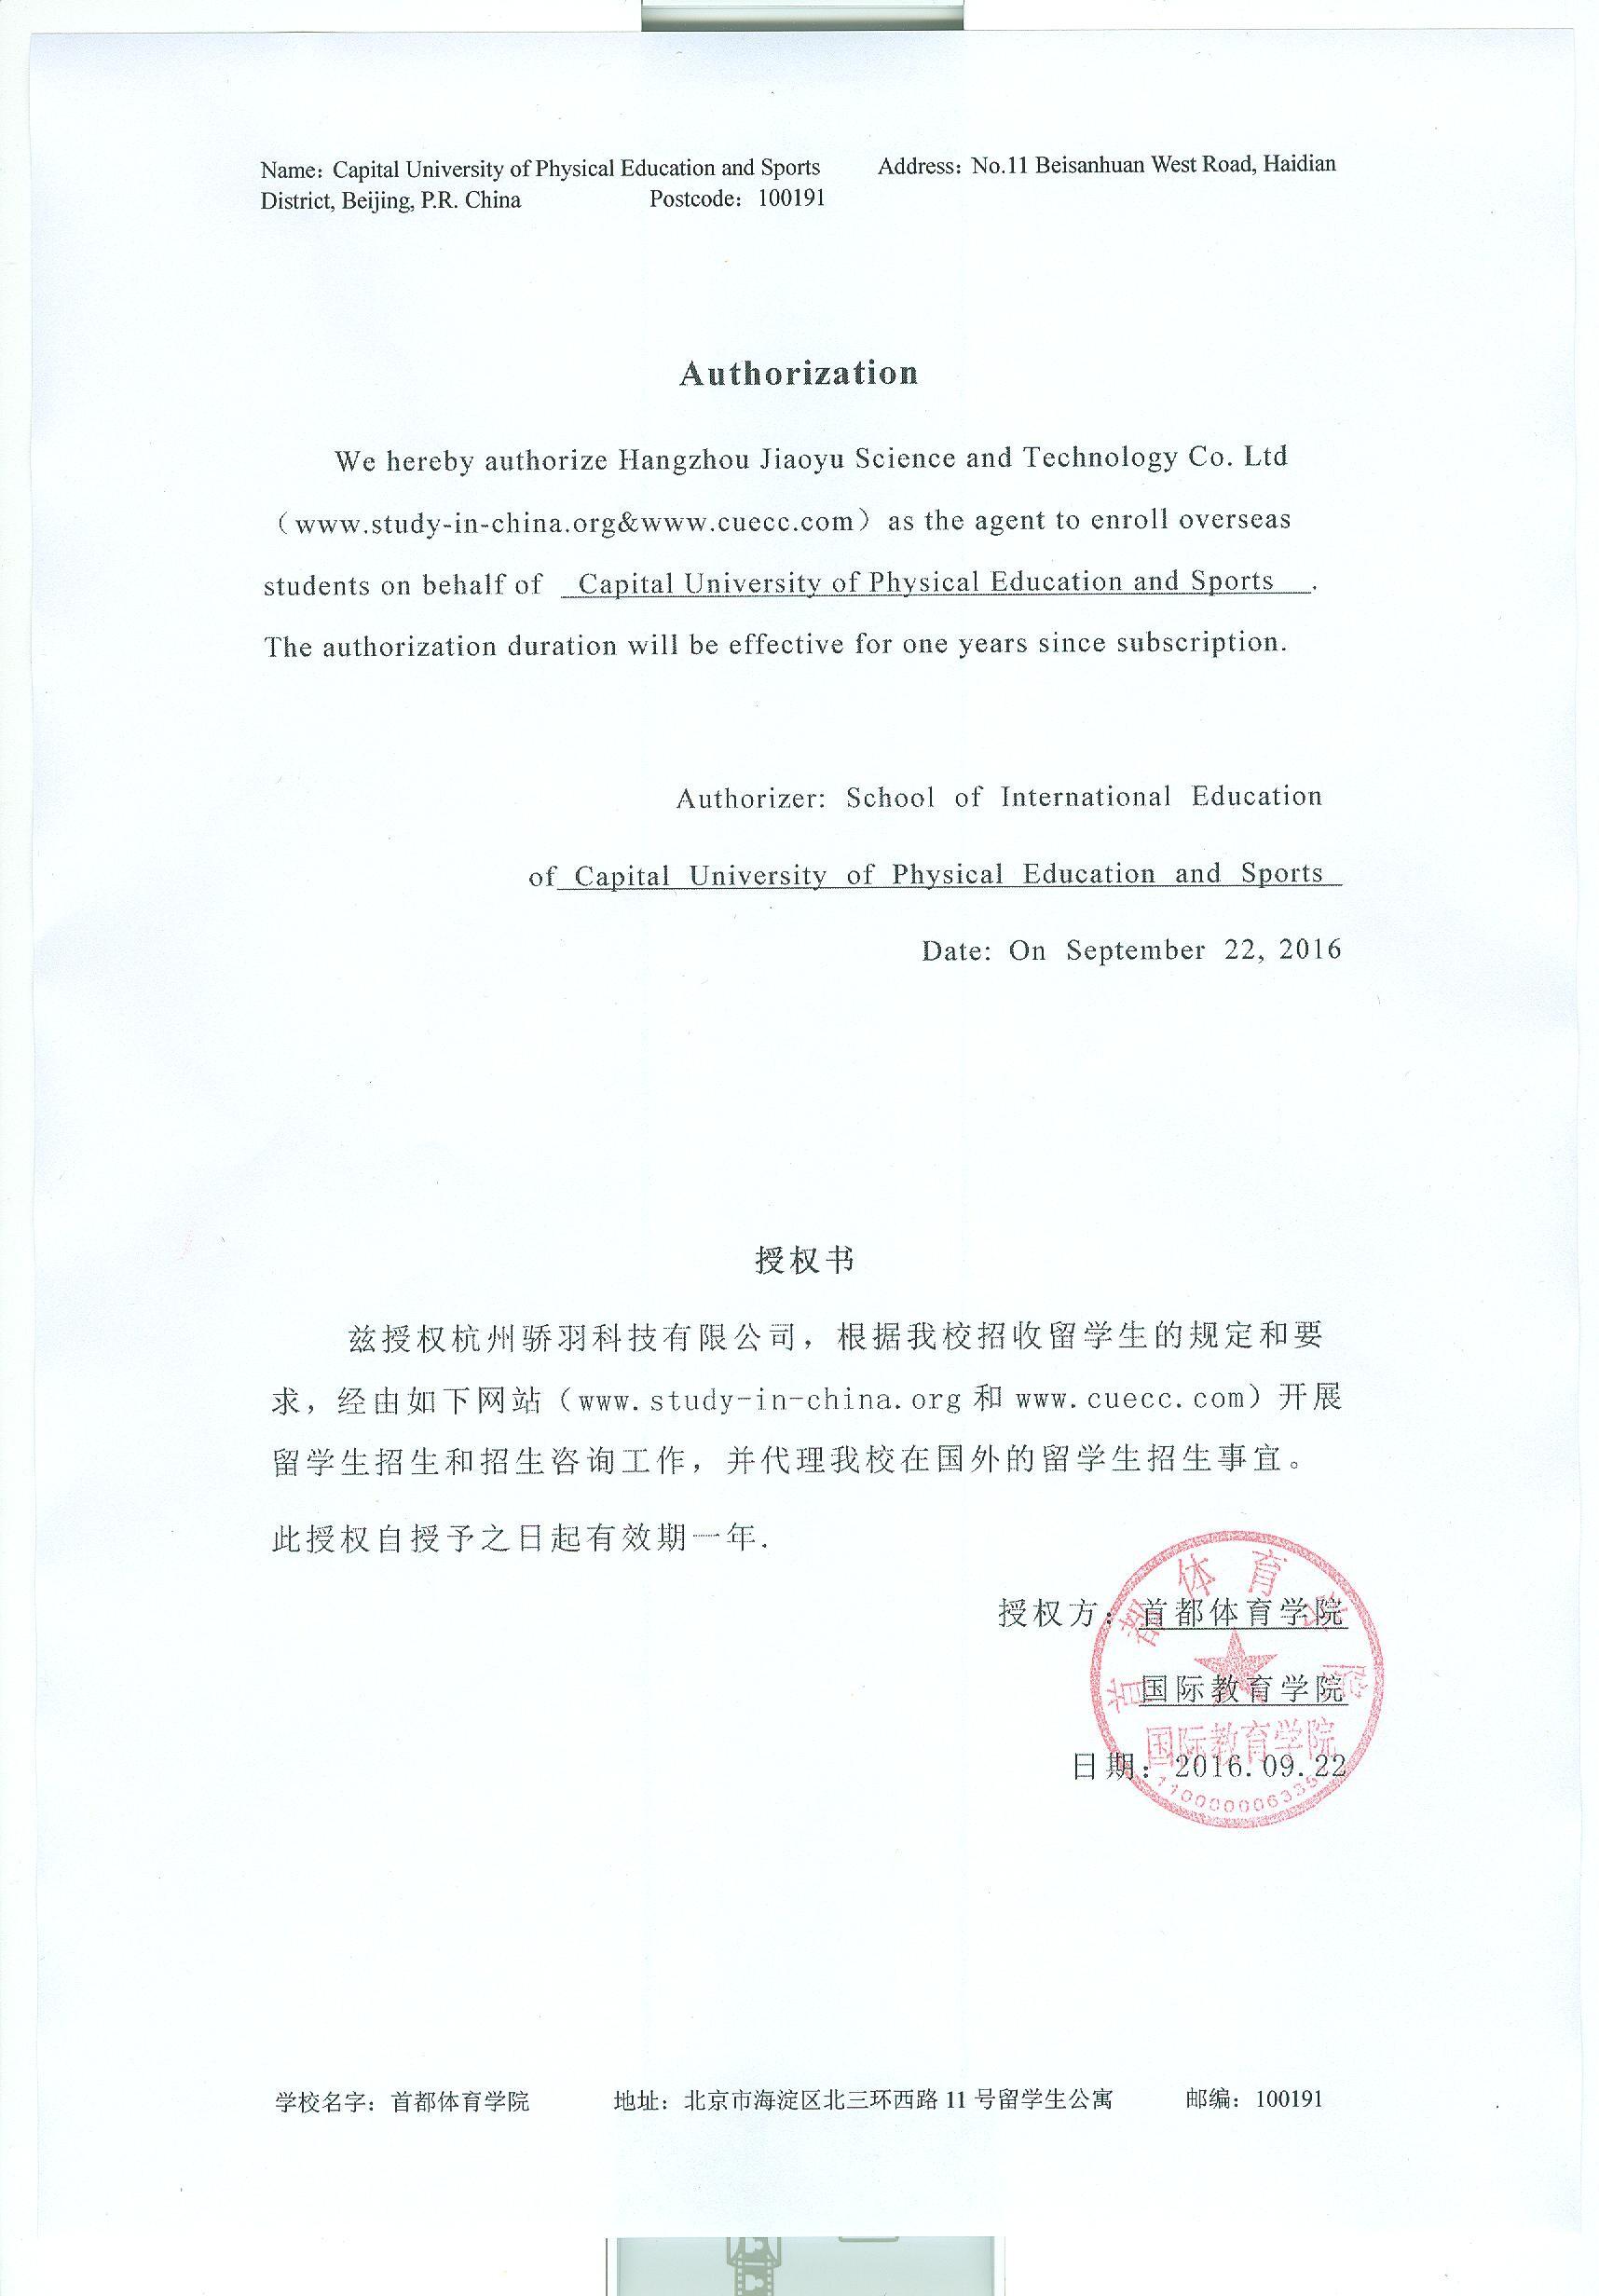 首都体育学院授权书.jpg